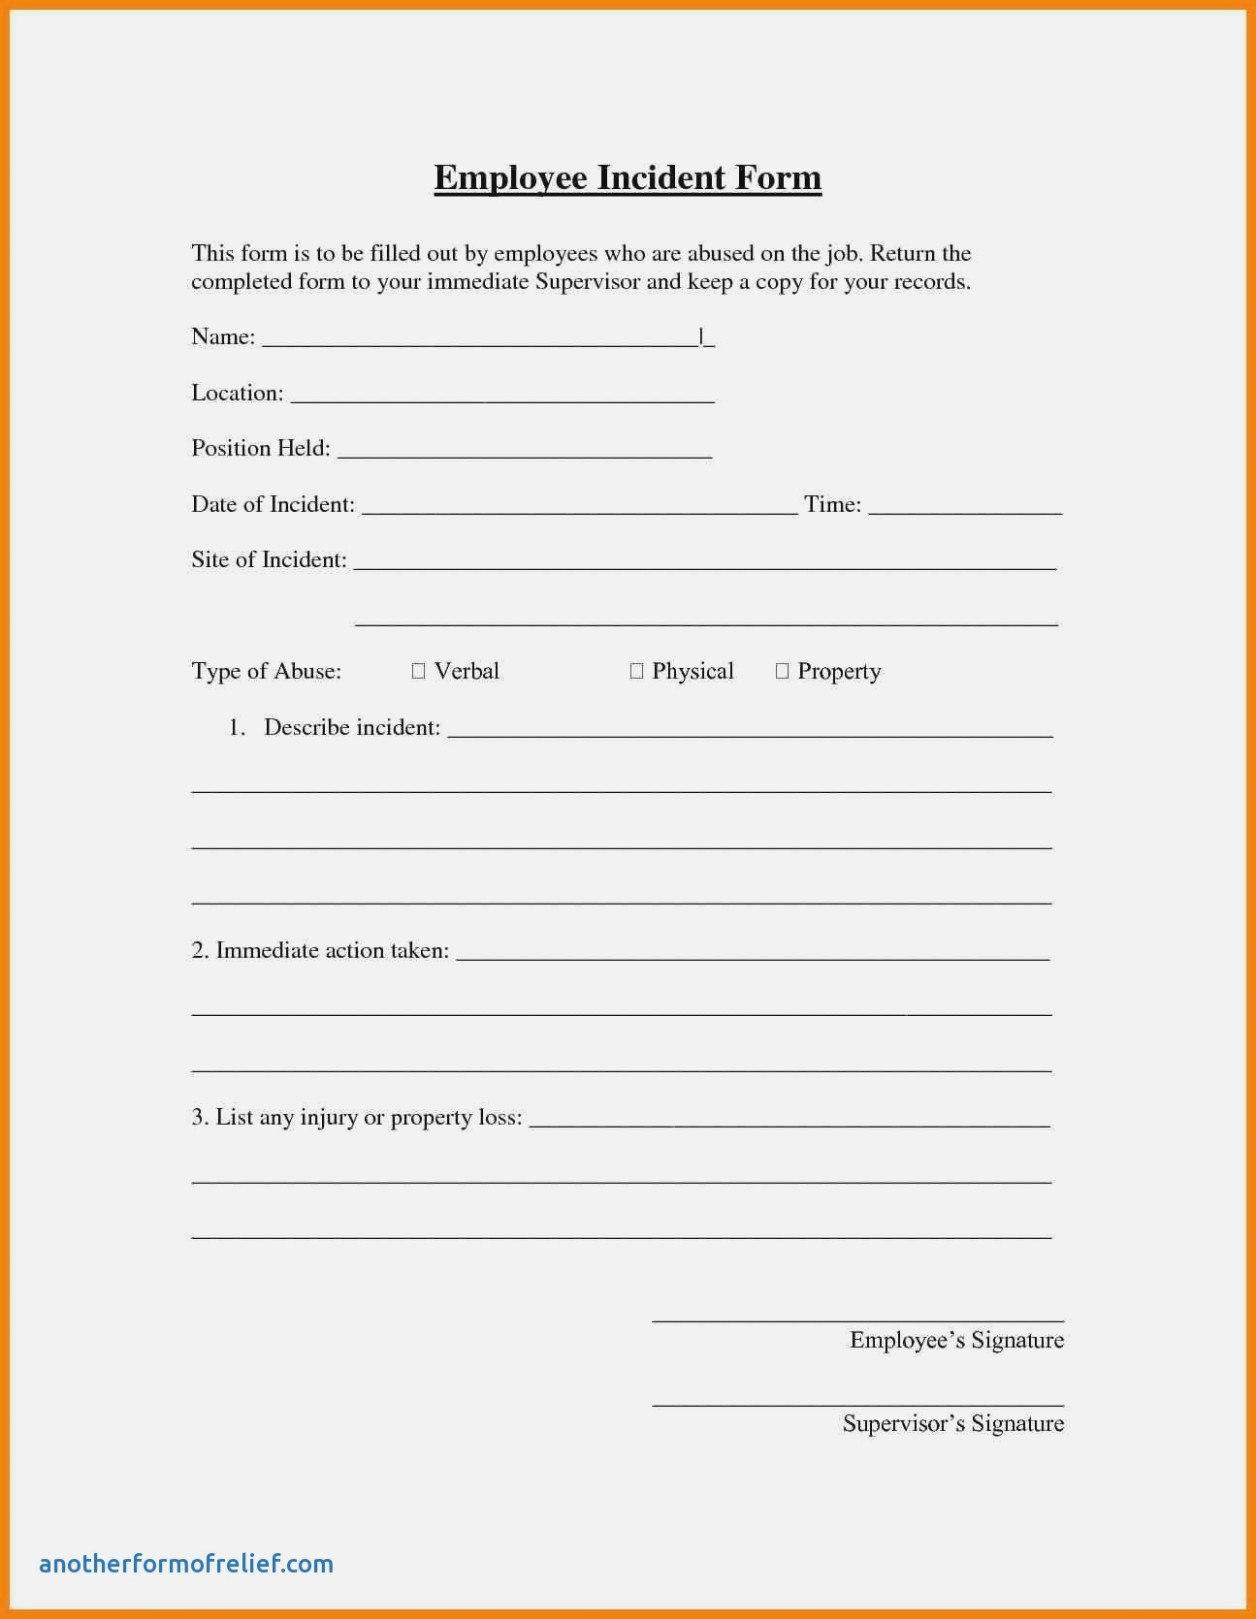 Employee Incident Report Form Best Of Patient Care Report Template In Patient Care Report Template